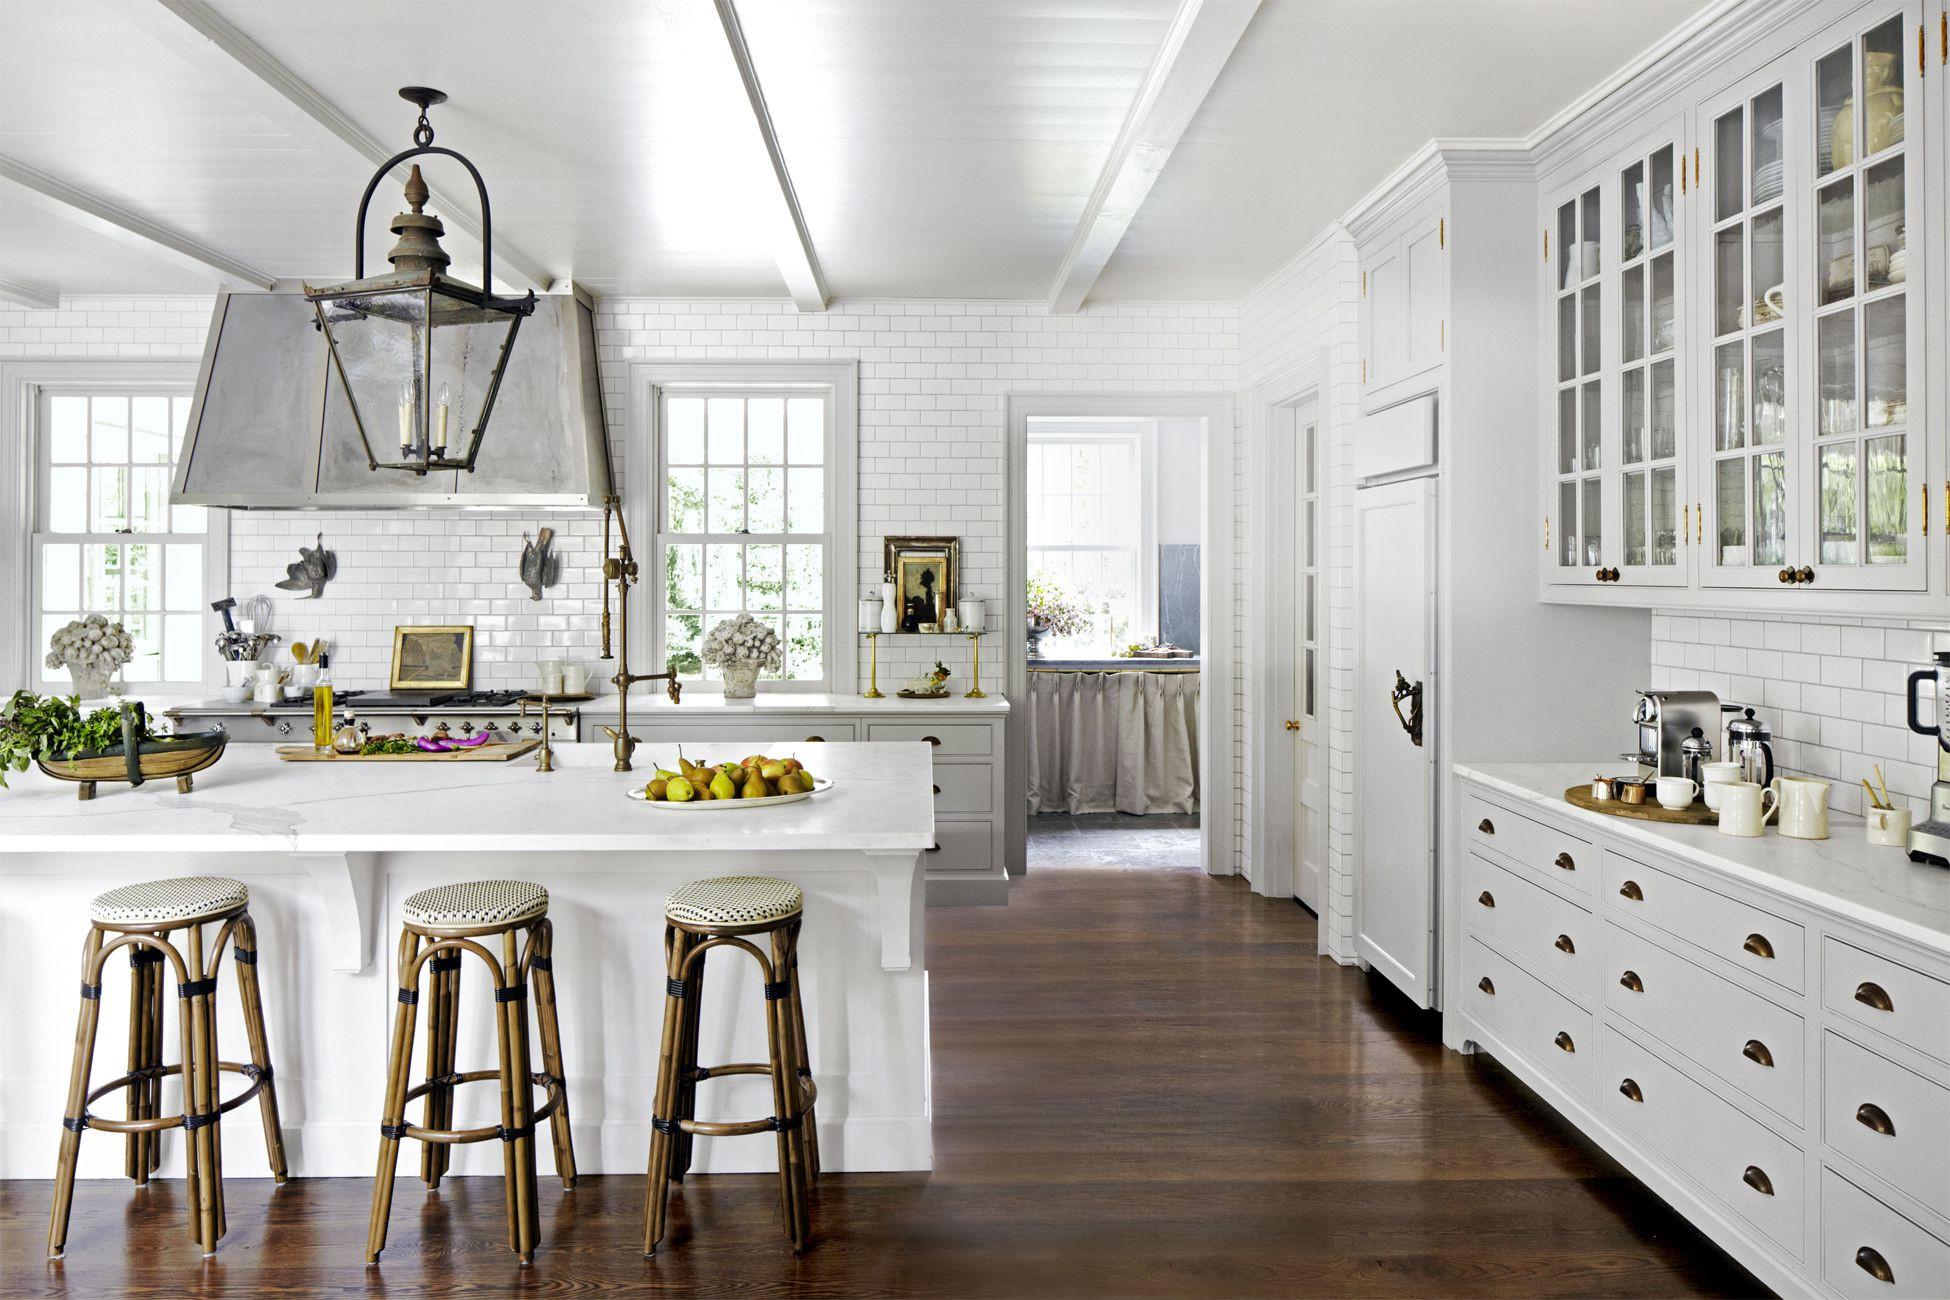 black hardwood floors in kitchen of 8 gorgeous kitchen trends that will be huge in 2018 regarding 1483474310 kitchen reinvention dark floors 0117